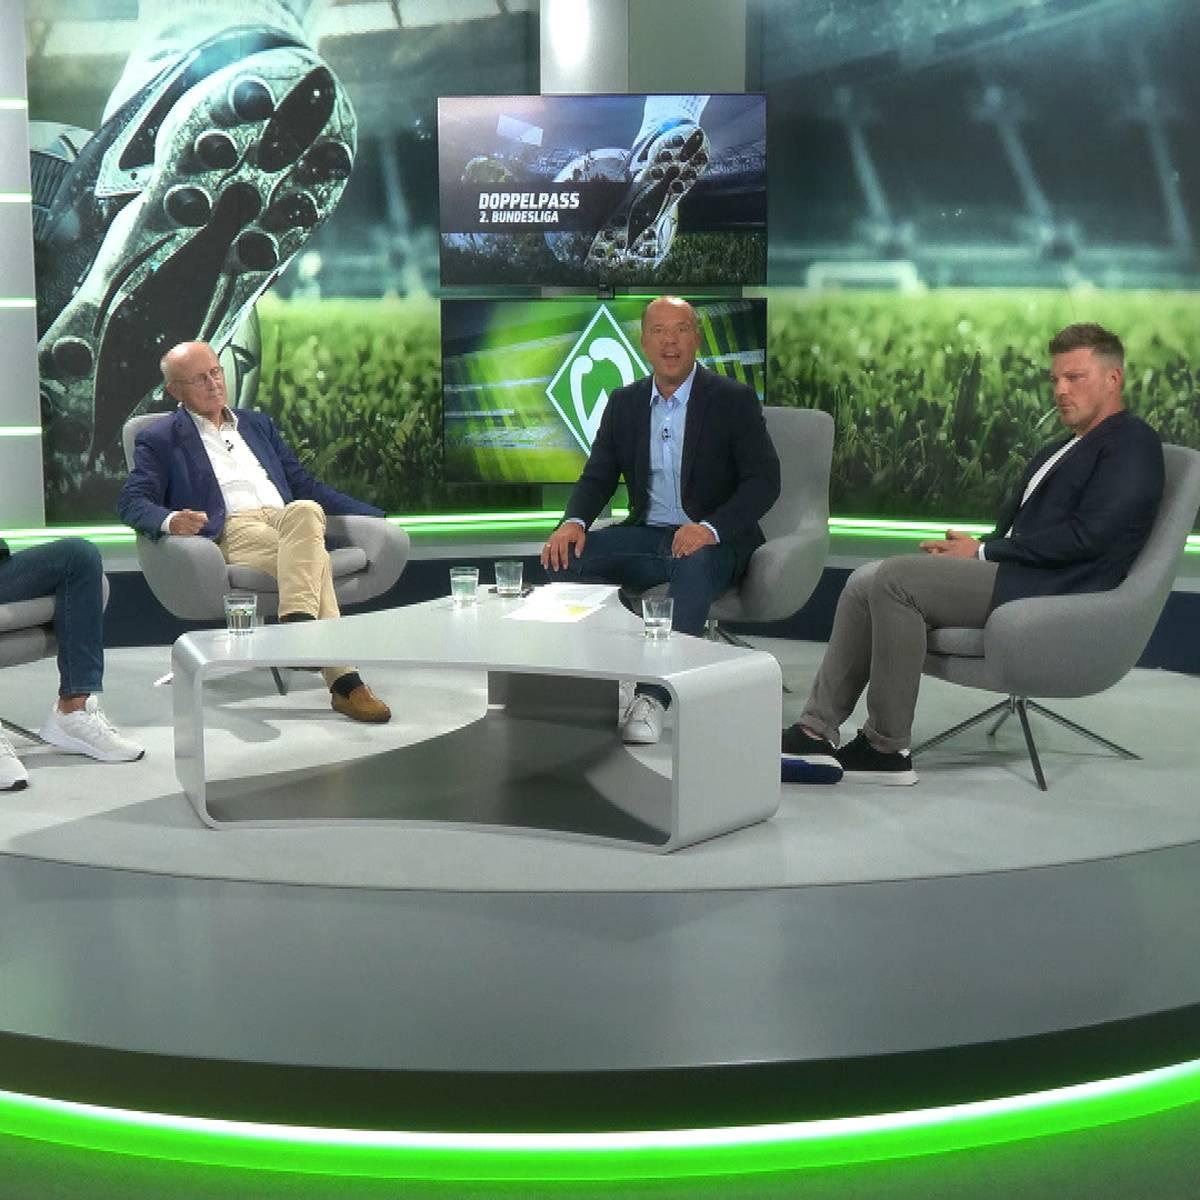 Sendung verpasst? Der Doppelpass 2. Bundesliga mit Kwasniok und Lemke